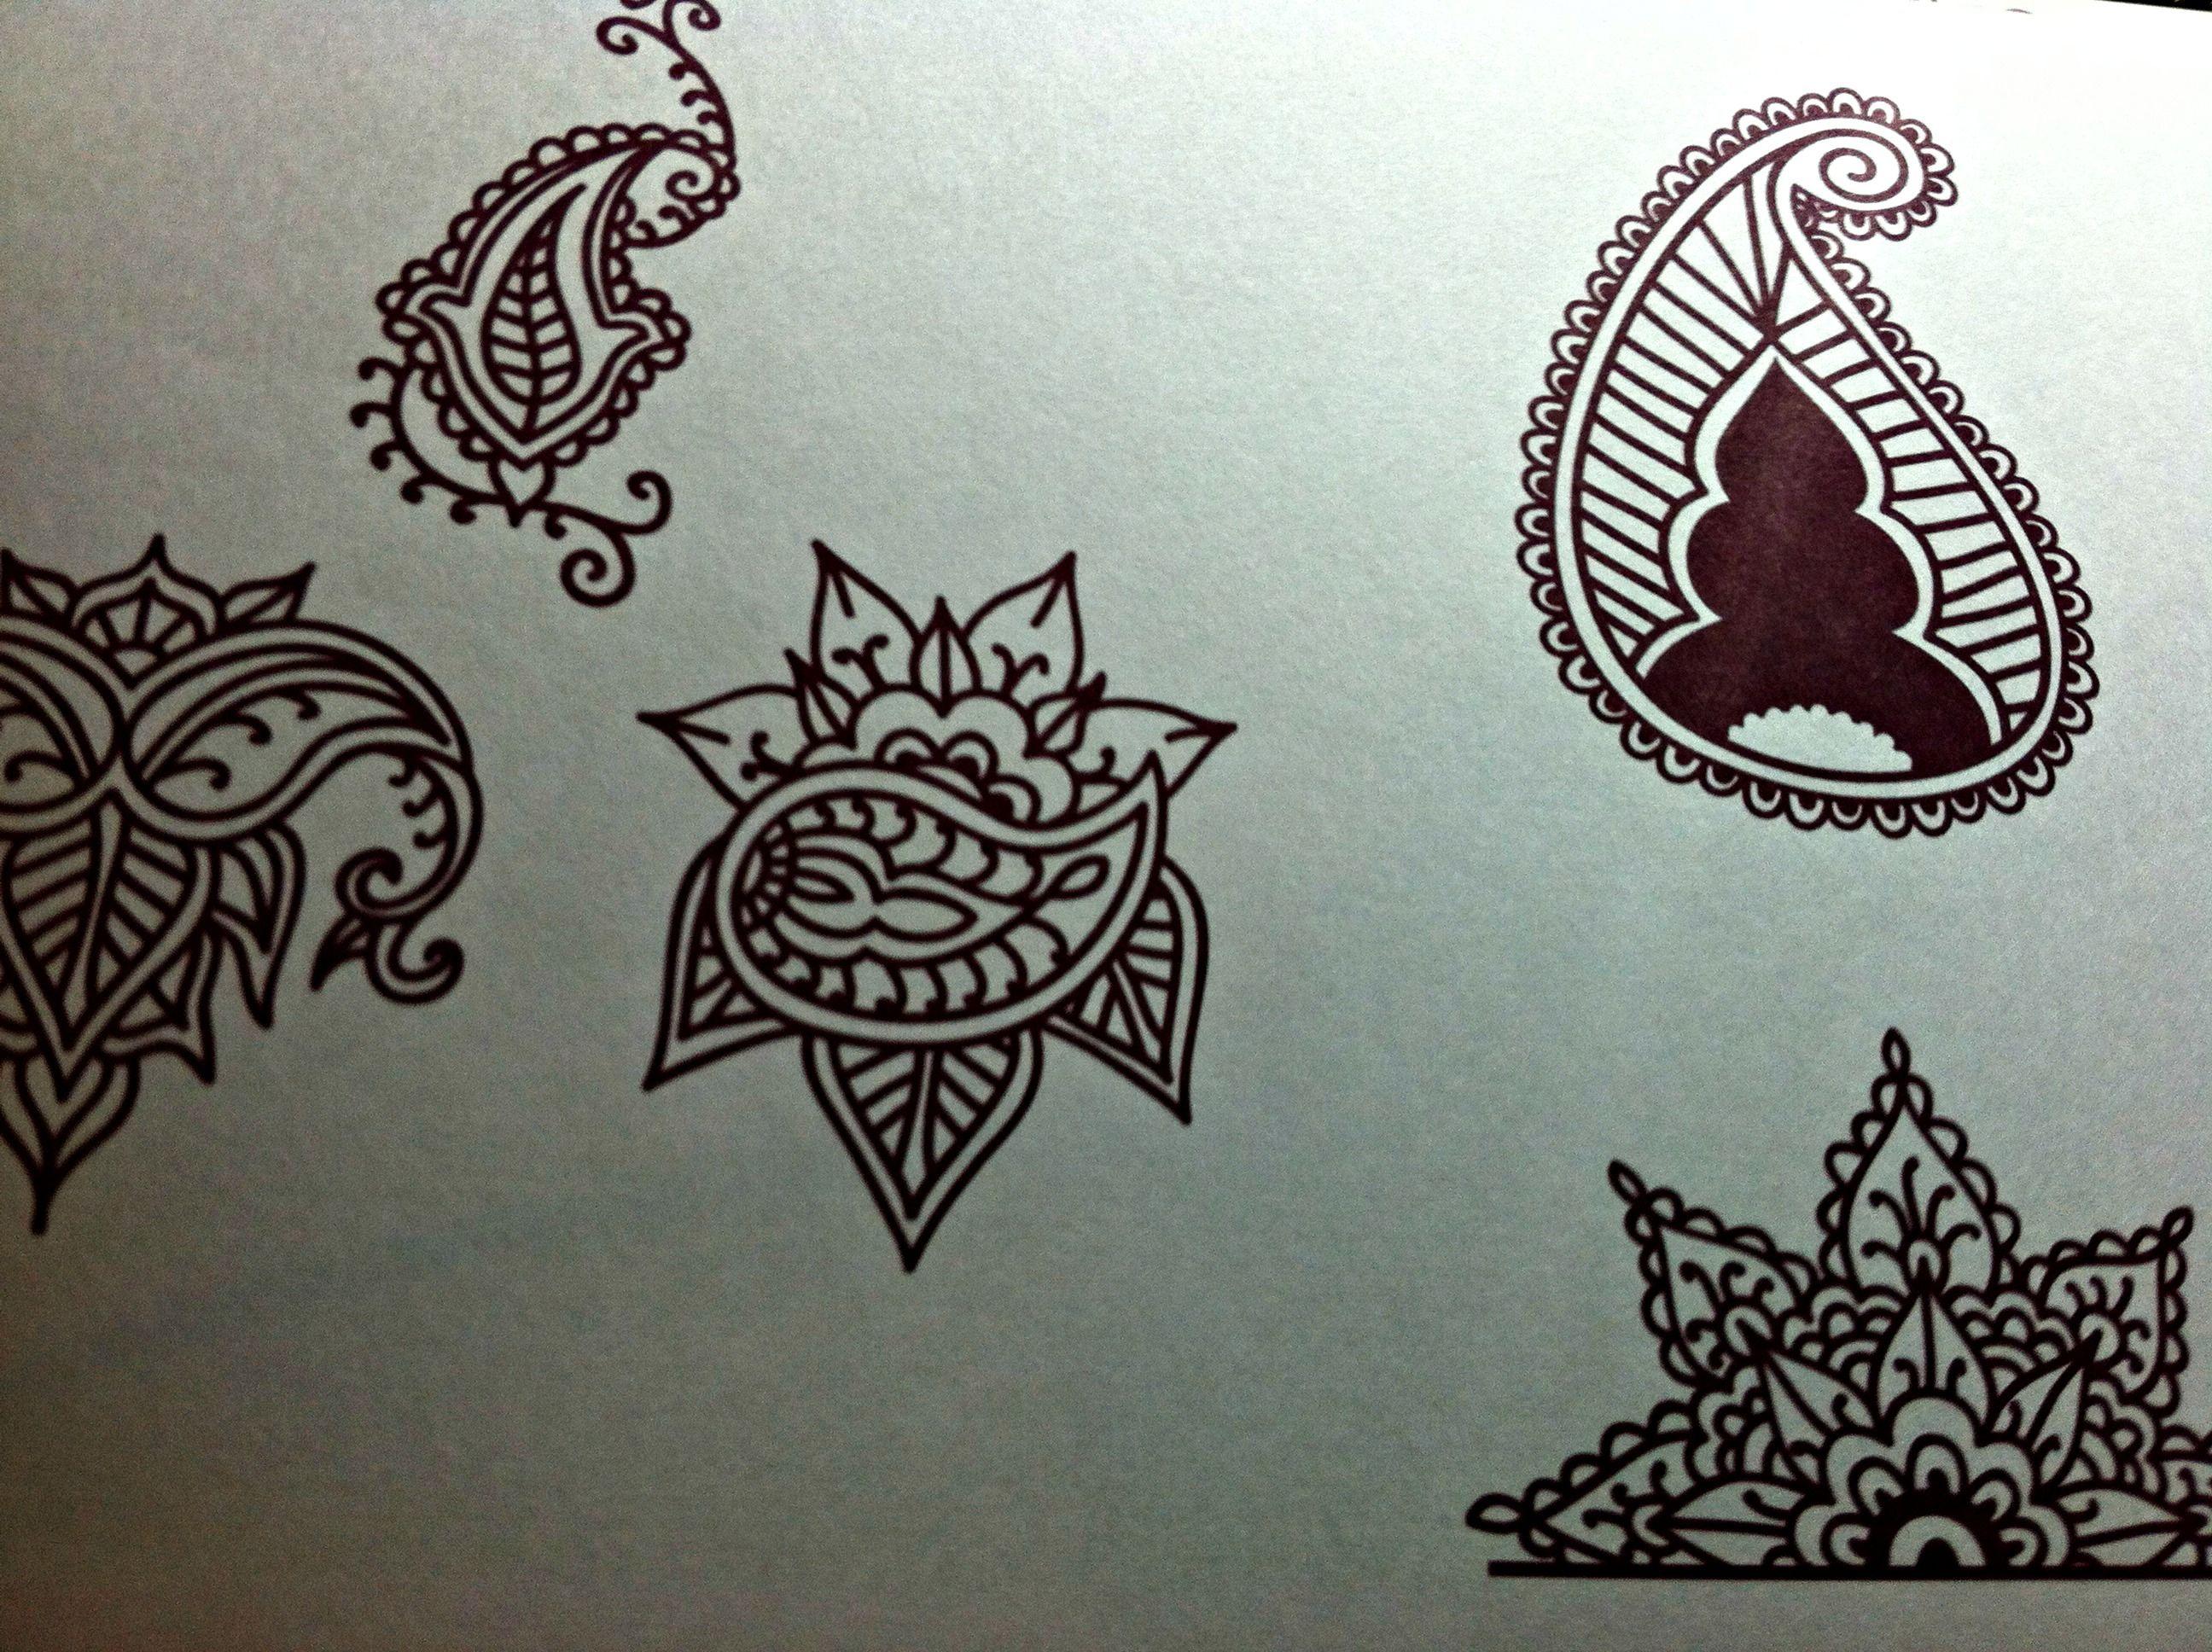 Desenhos Mehndi Significado : Mehndi designs for henna use e desenhar